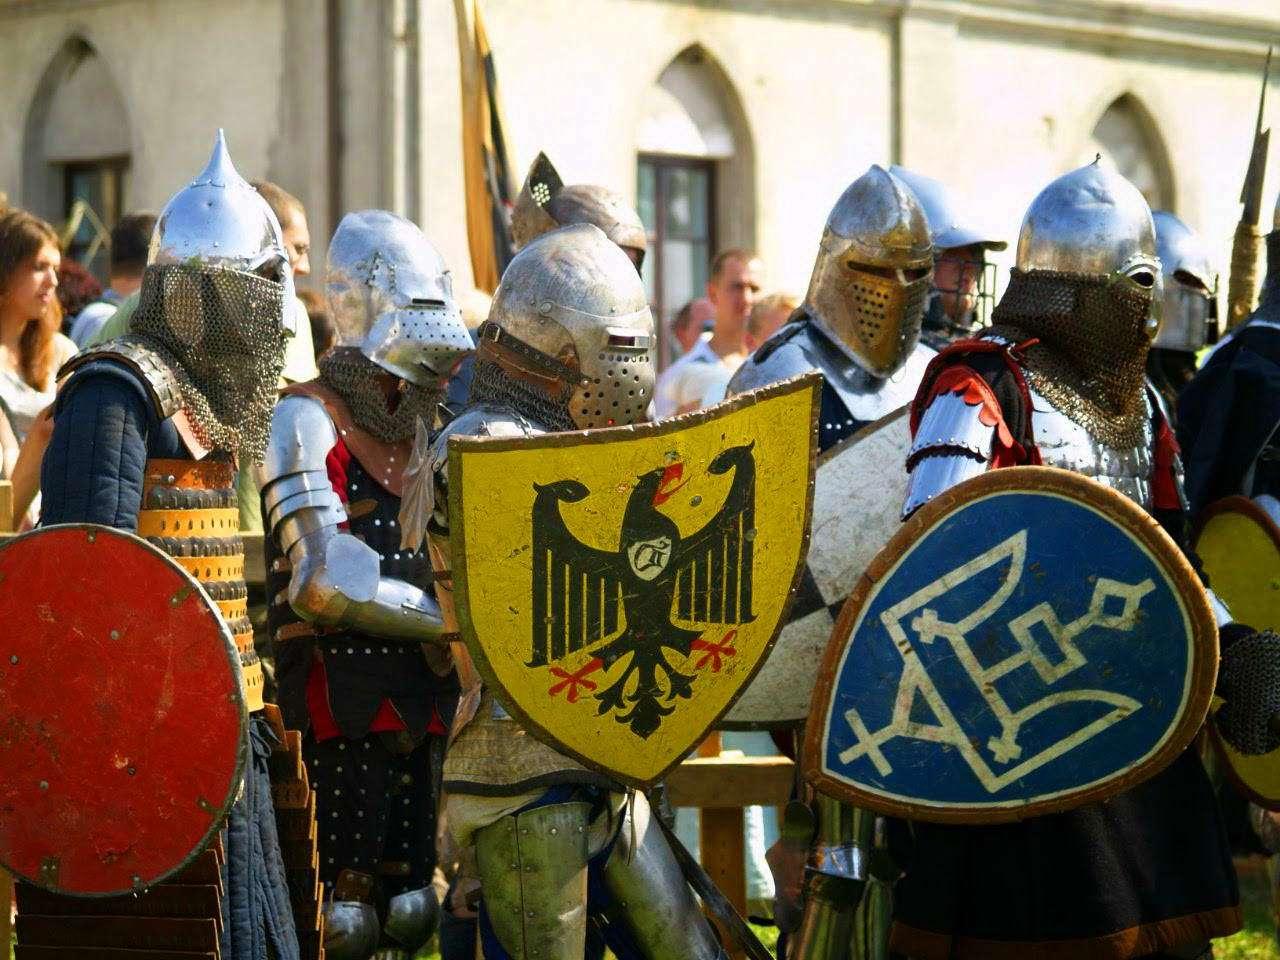 Меджибізька фортеця, бої бугуртів на фестивалі